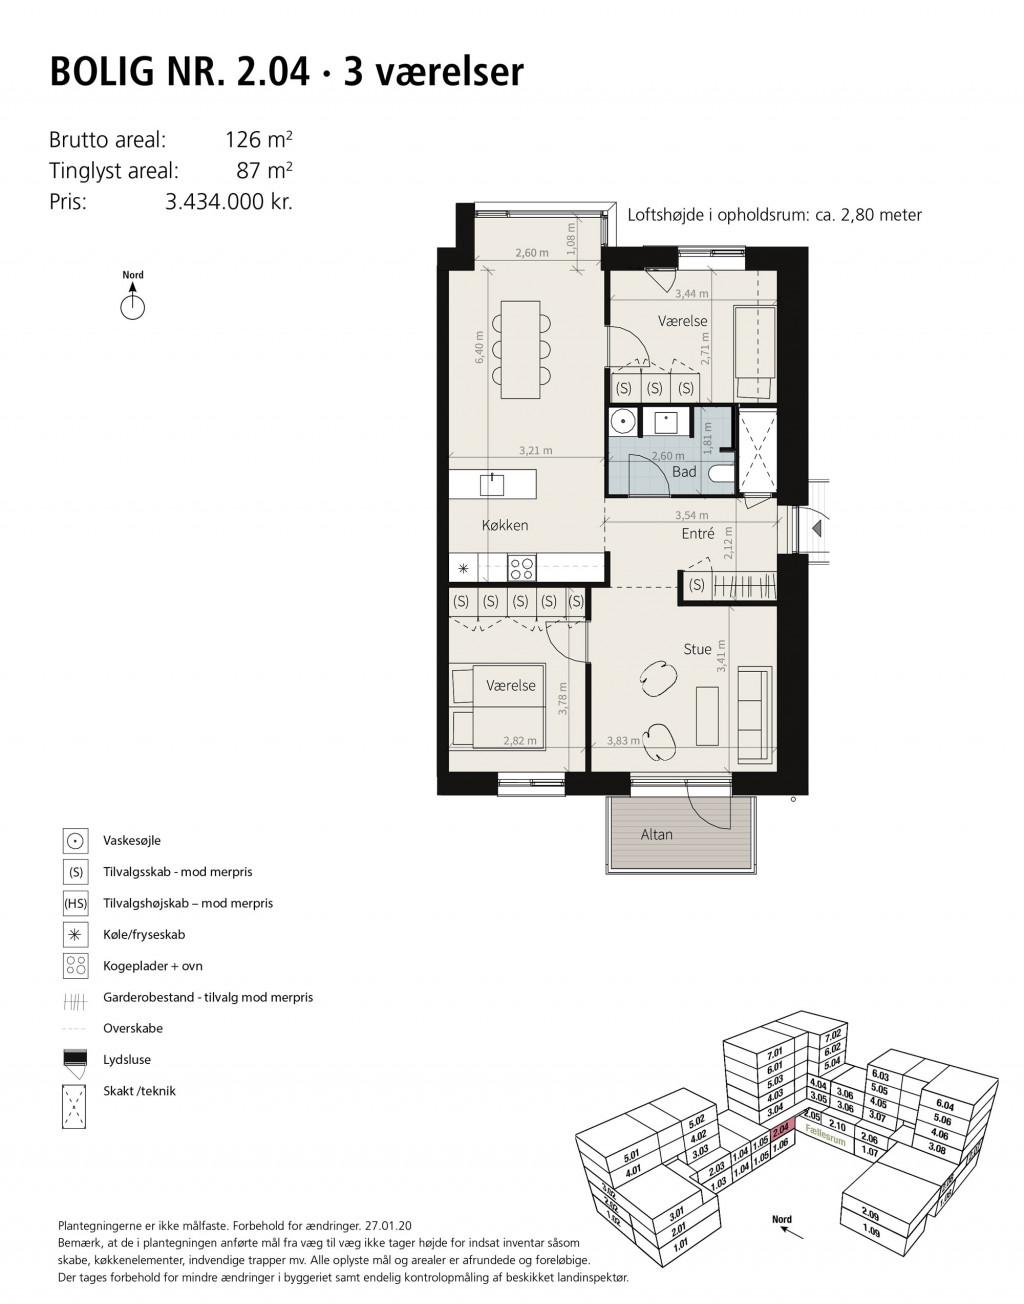 3v´er med højt til loftet - i et stærk fællesskab - 2-04_852e45d5bd5af91b17add1a576fffe24